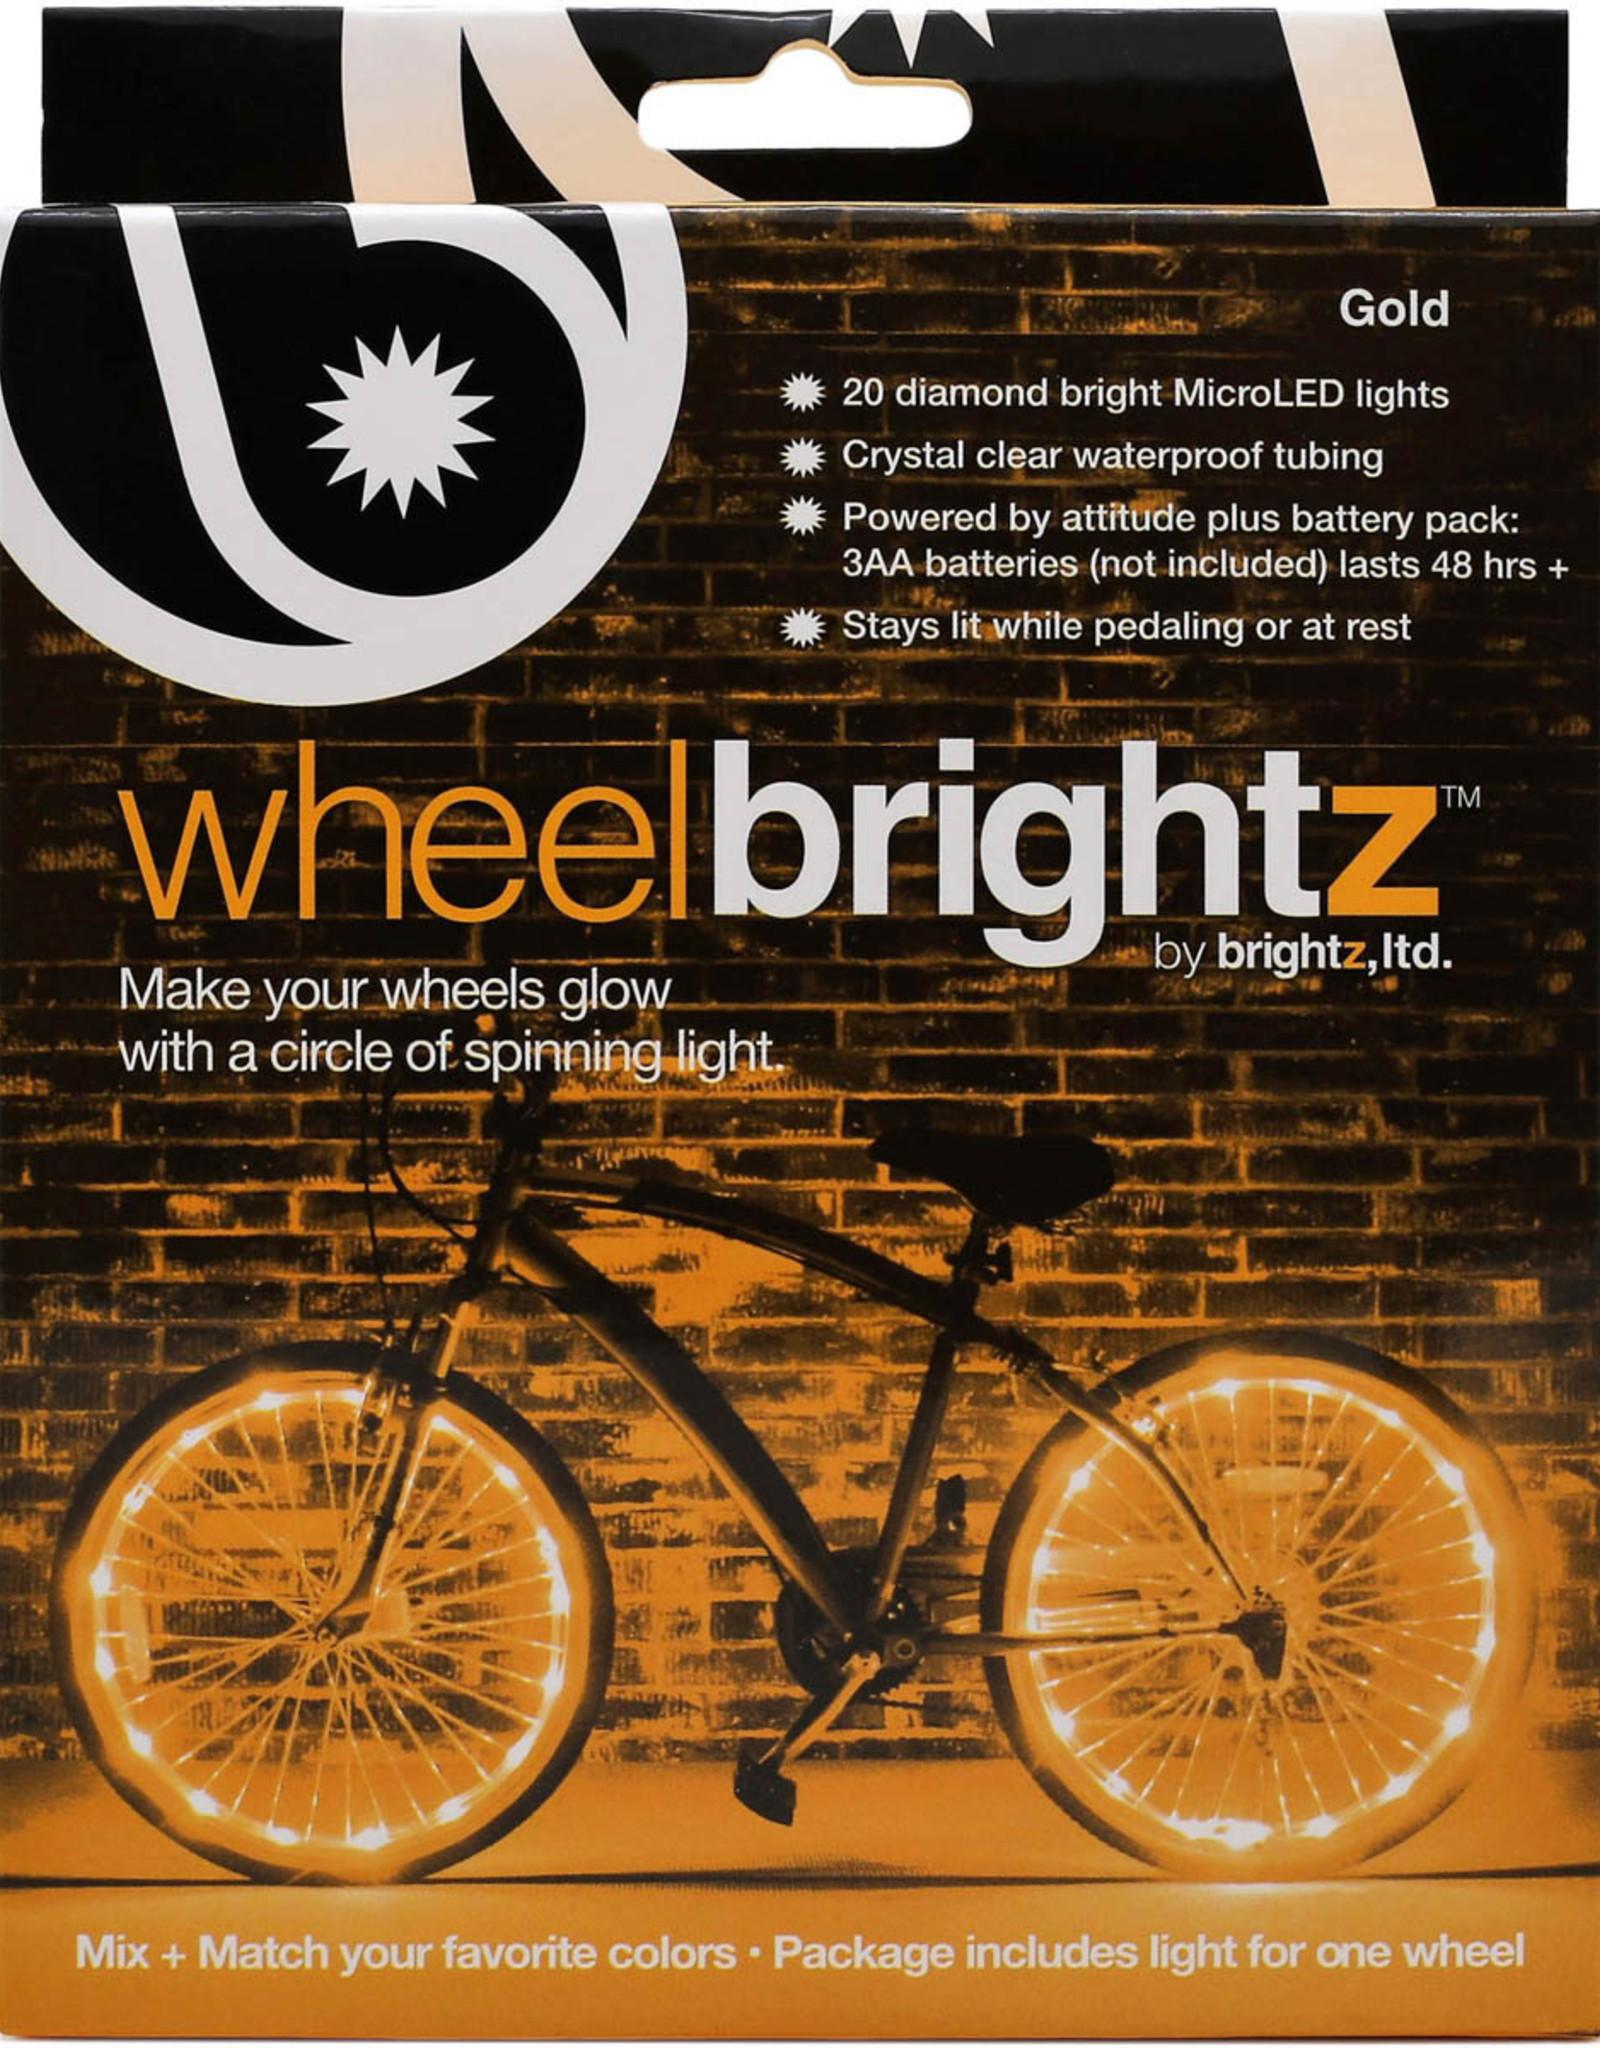 Brightz Bike Wheel Brightz - Gold